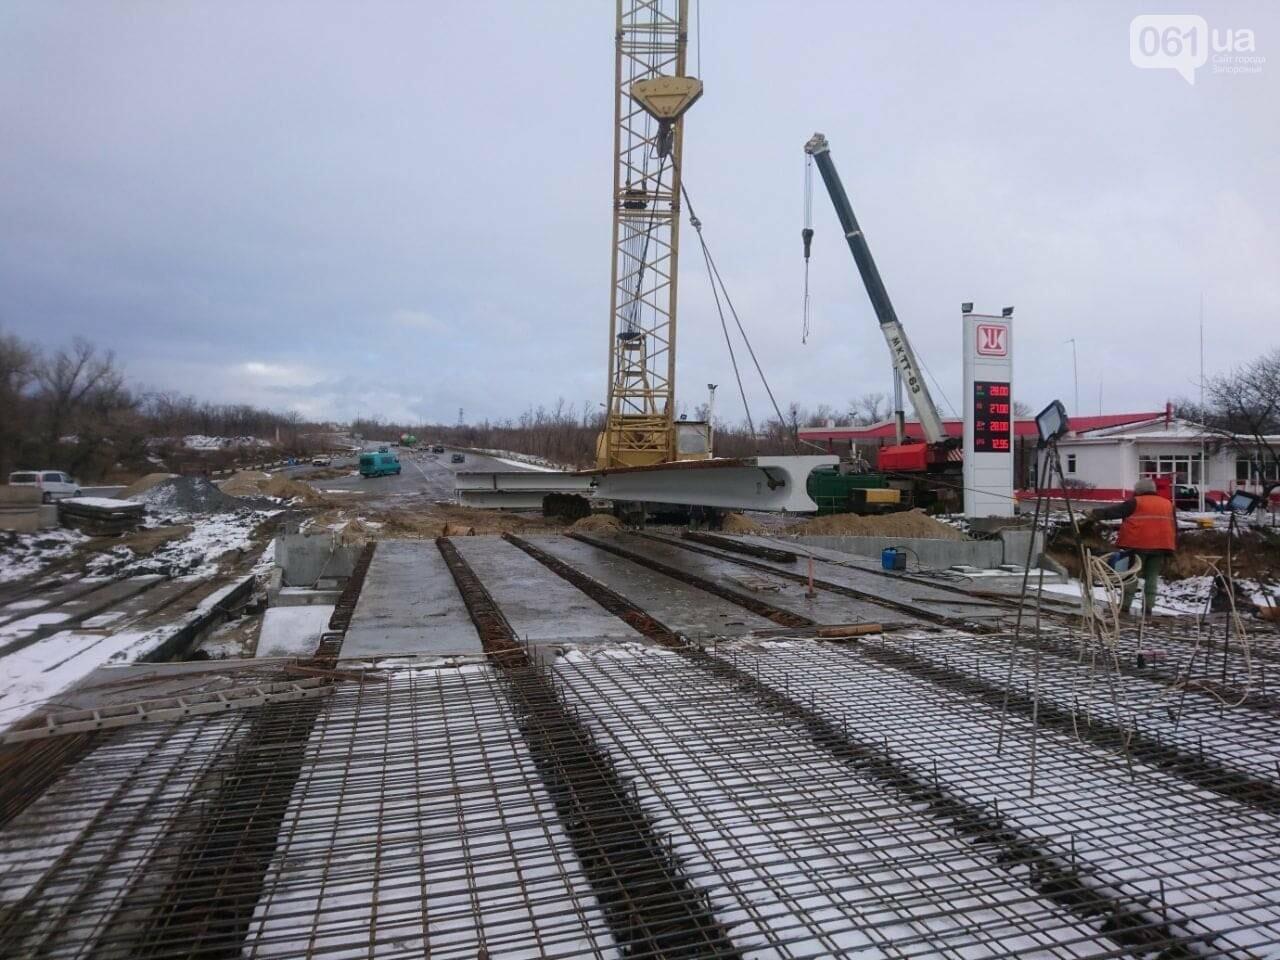 Реконструкция моста под Степногорском: строительно-монтажные работы завершены, - ФОТО , фото-1